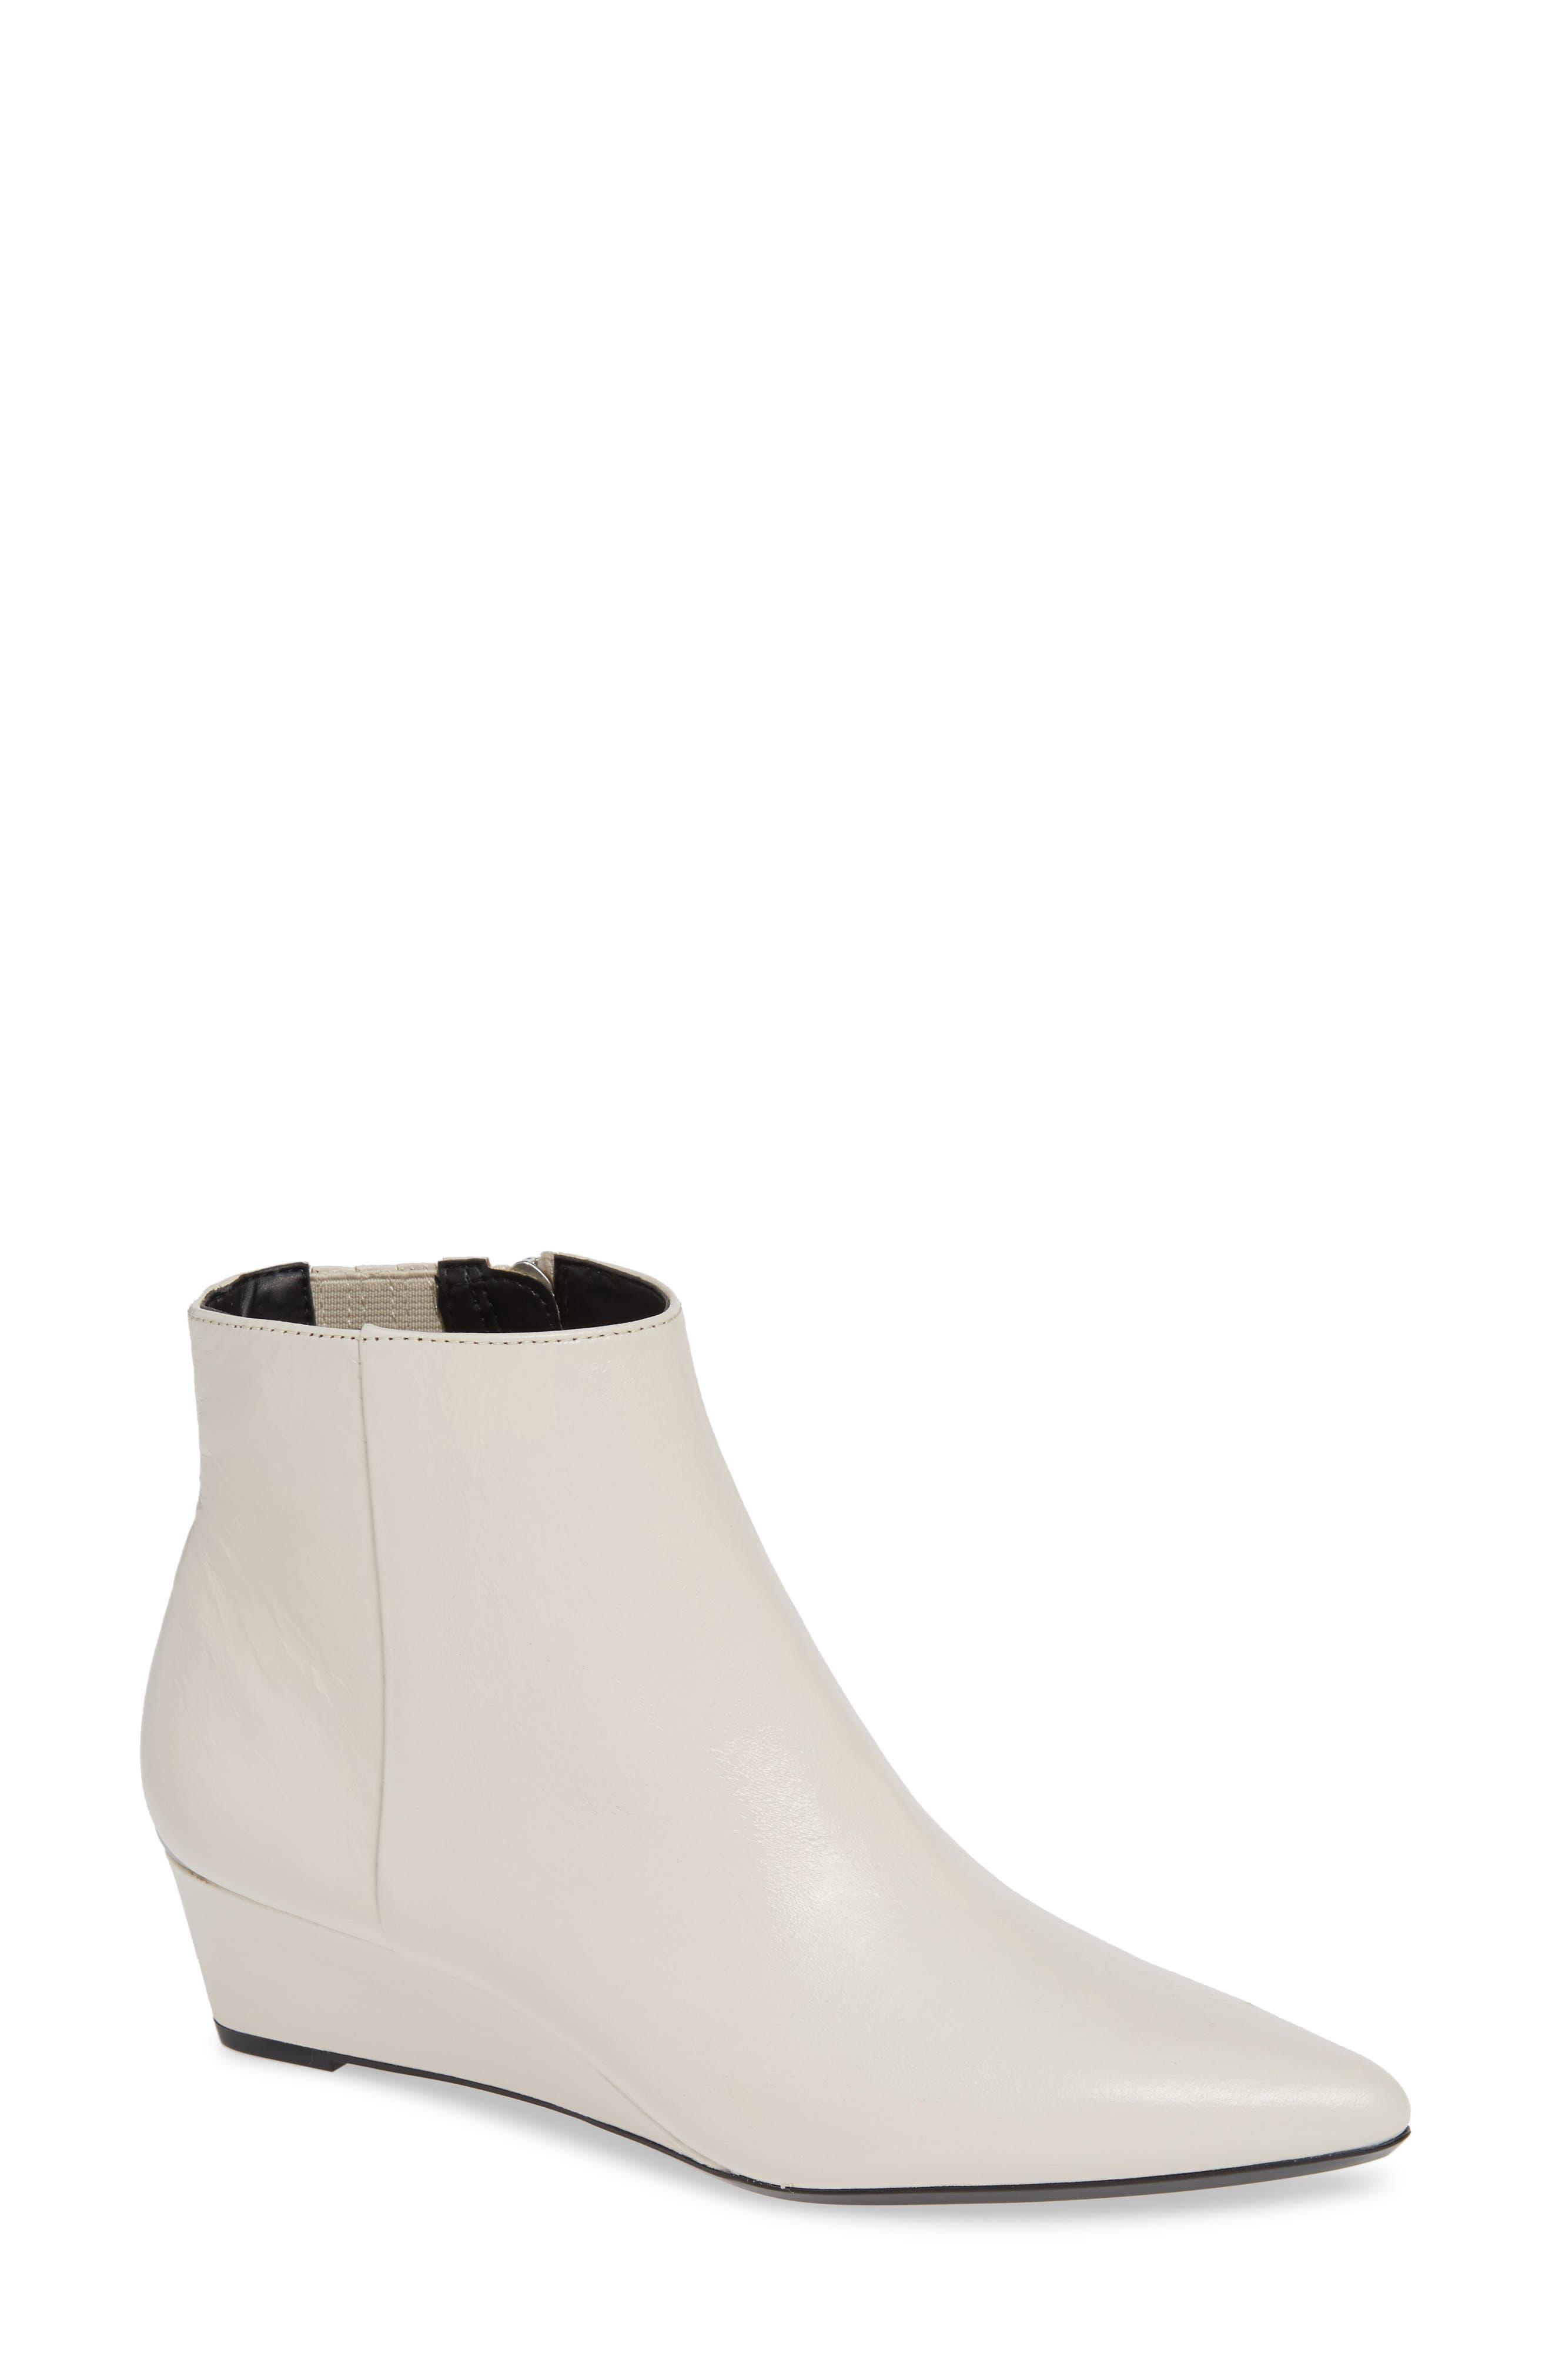 Calvin Klein Gael Wedge Bootie, White